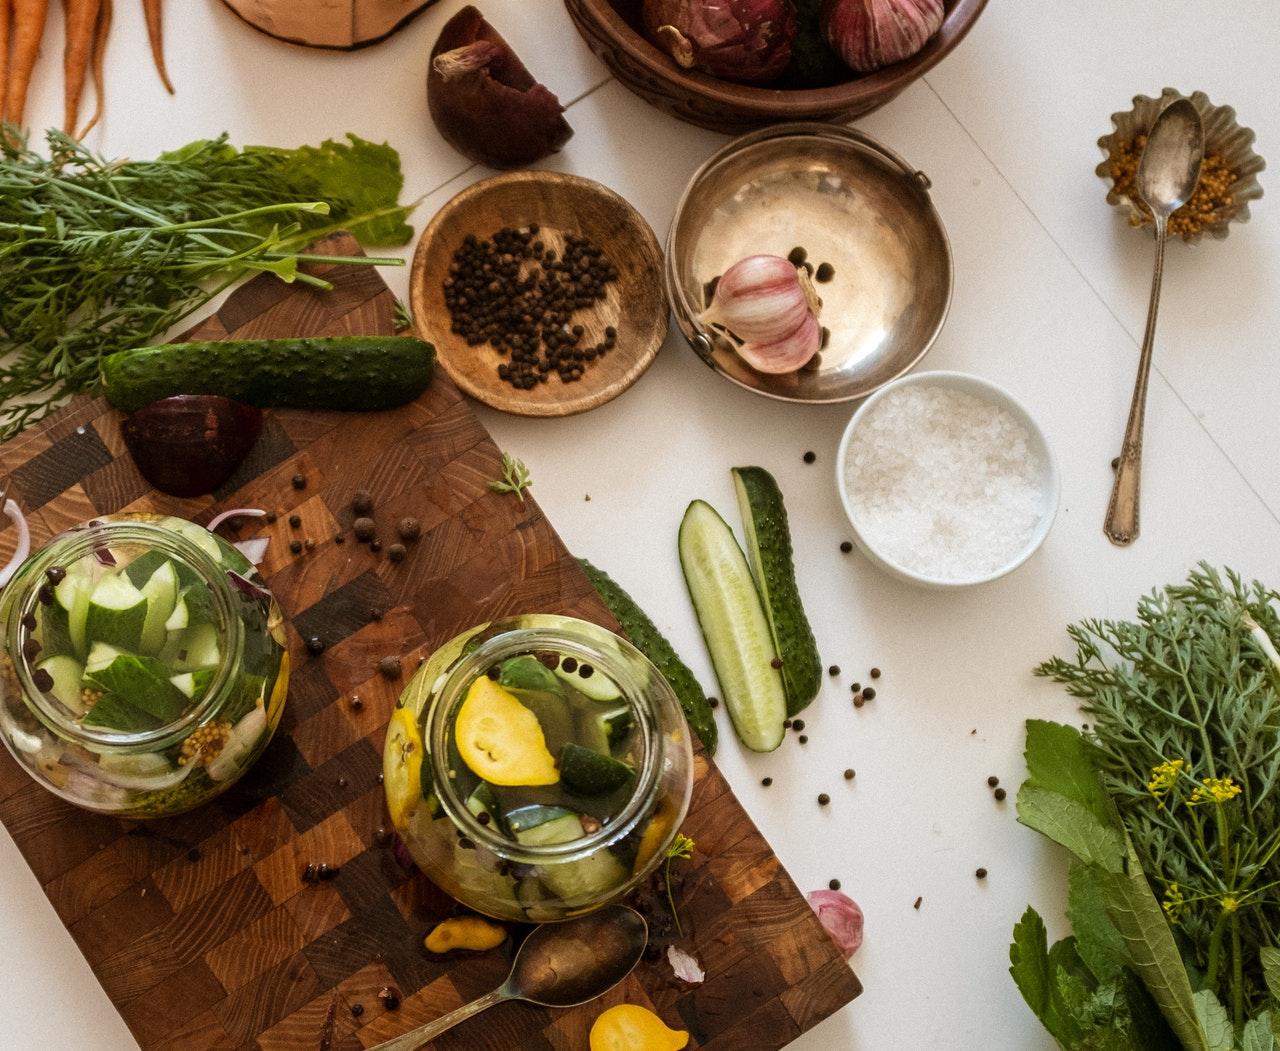 Rețete de conserve de toamnă: de la murături, la zacuscă și dulceață